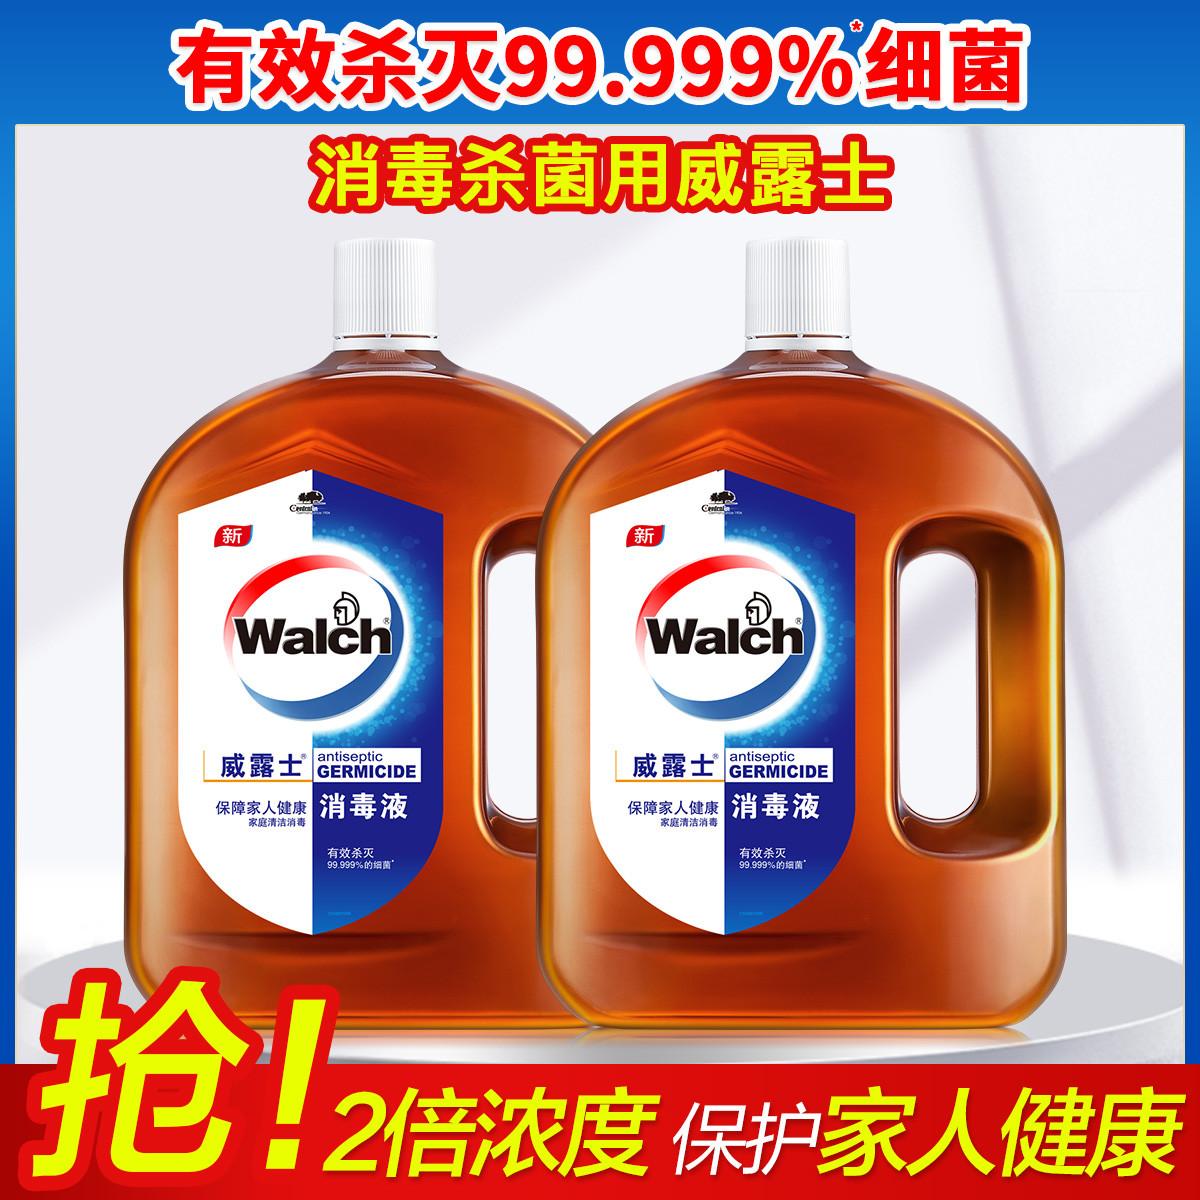 威露士 【消毒神器】高浓度衣物家居多用途消毒液组合 杀菌99.999%